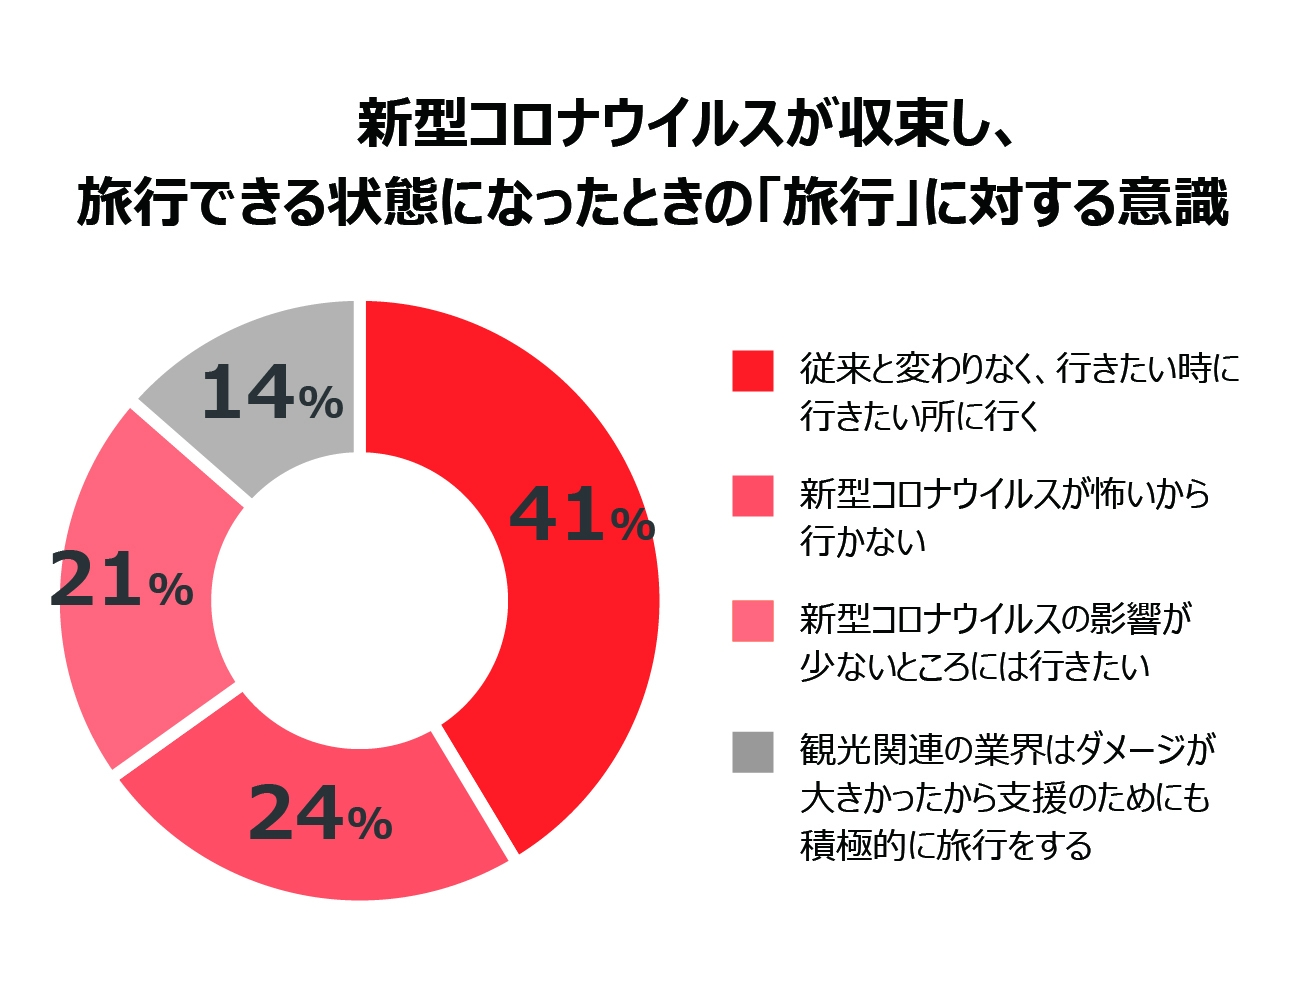 時期 日本 予想 収束 コロナ